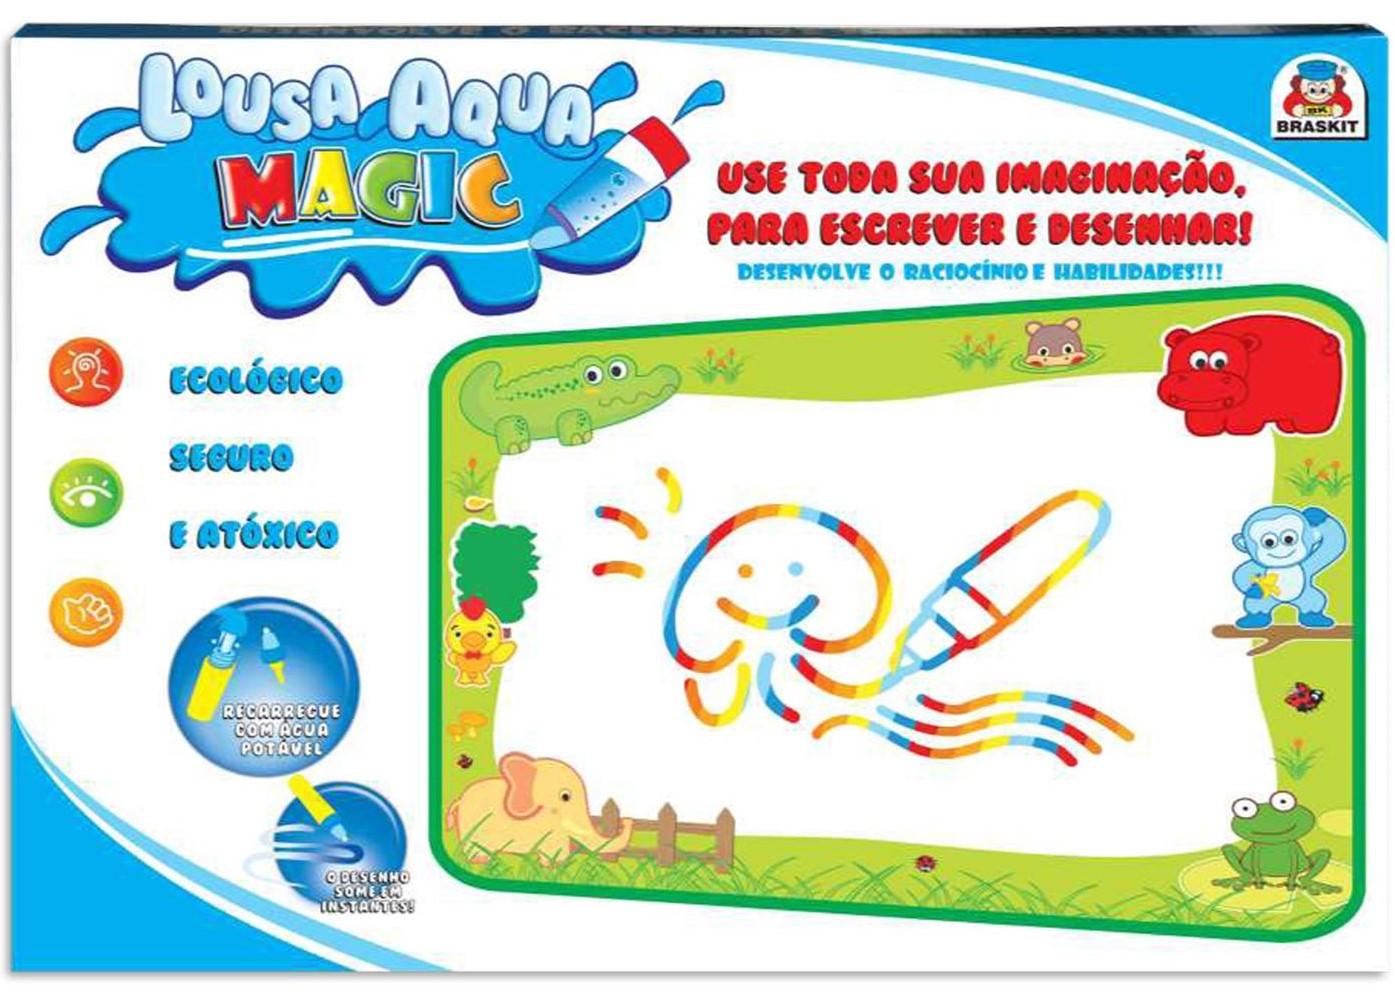 Lousa Aqua Magic - Braskit